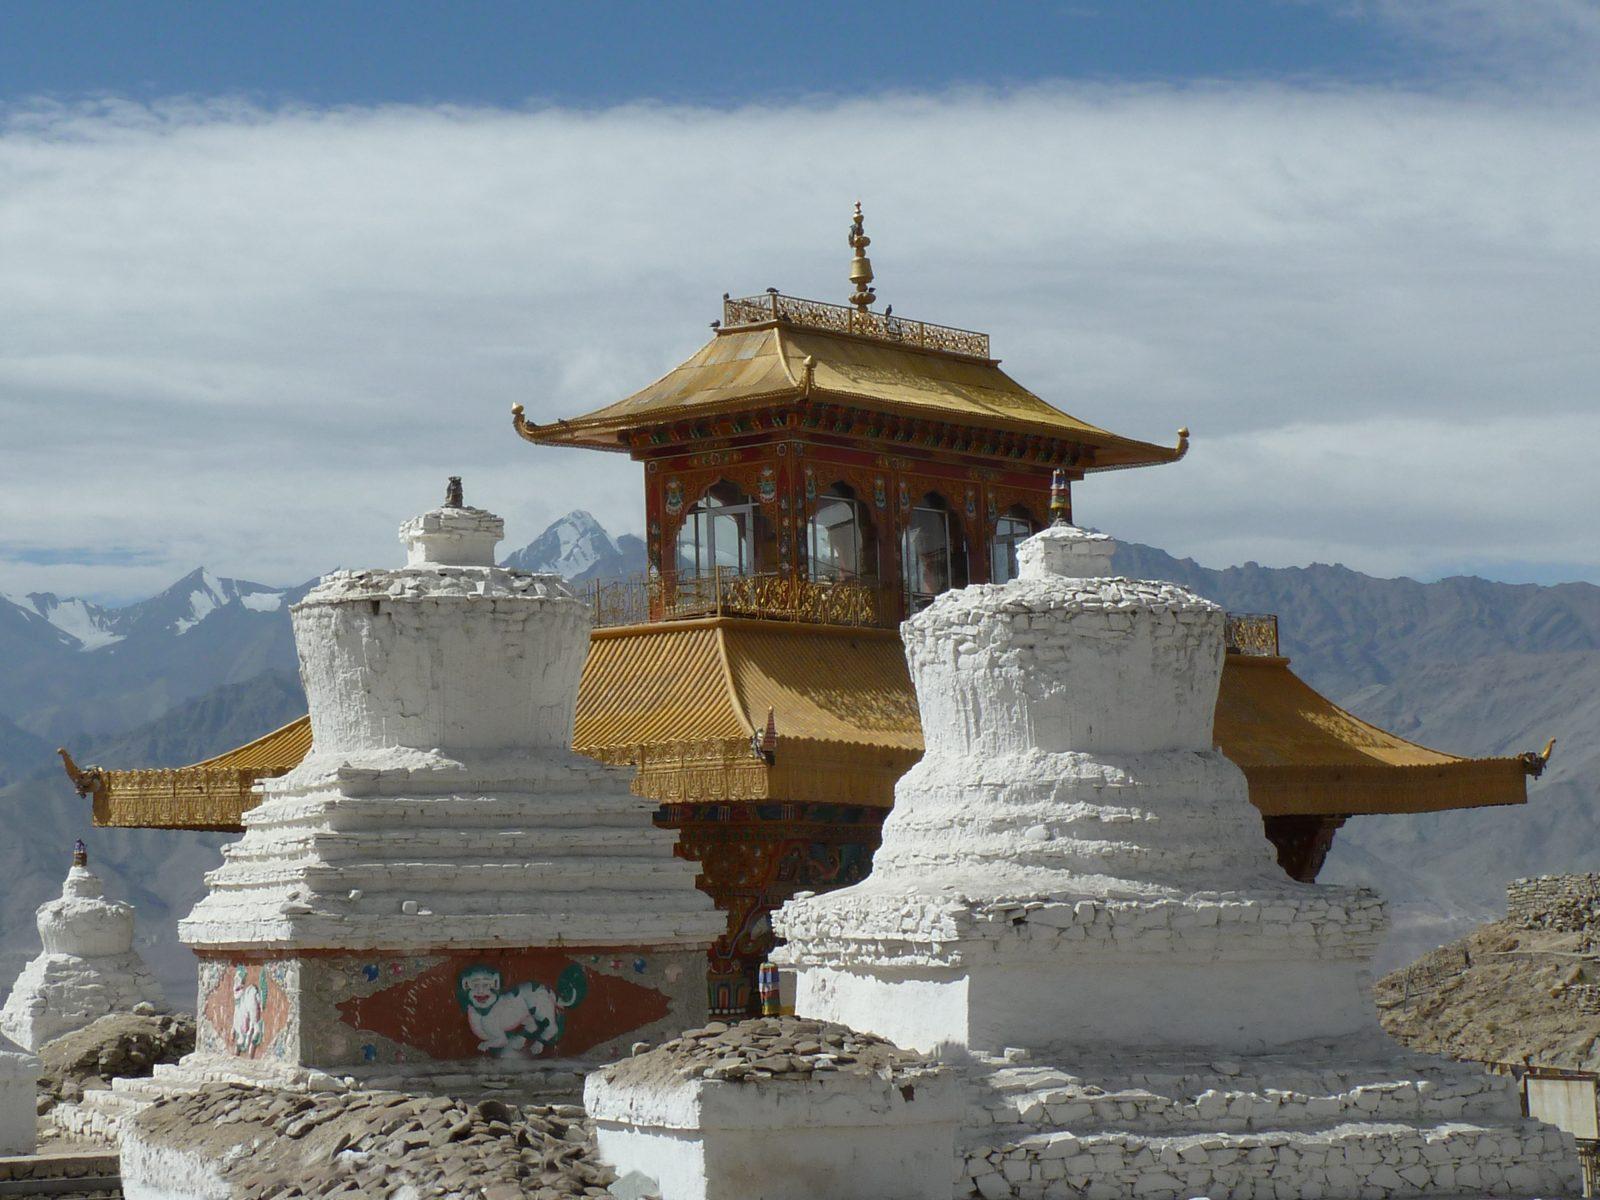 Radreise Ladakh 2012 - Chörten bei Leh